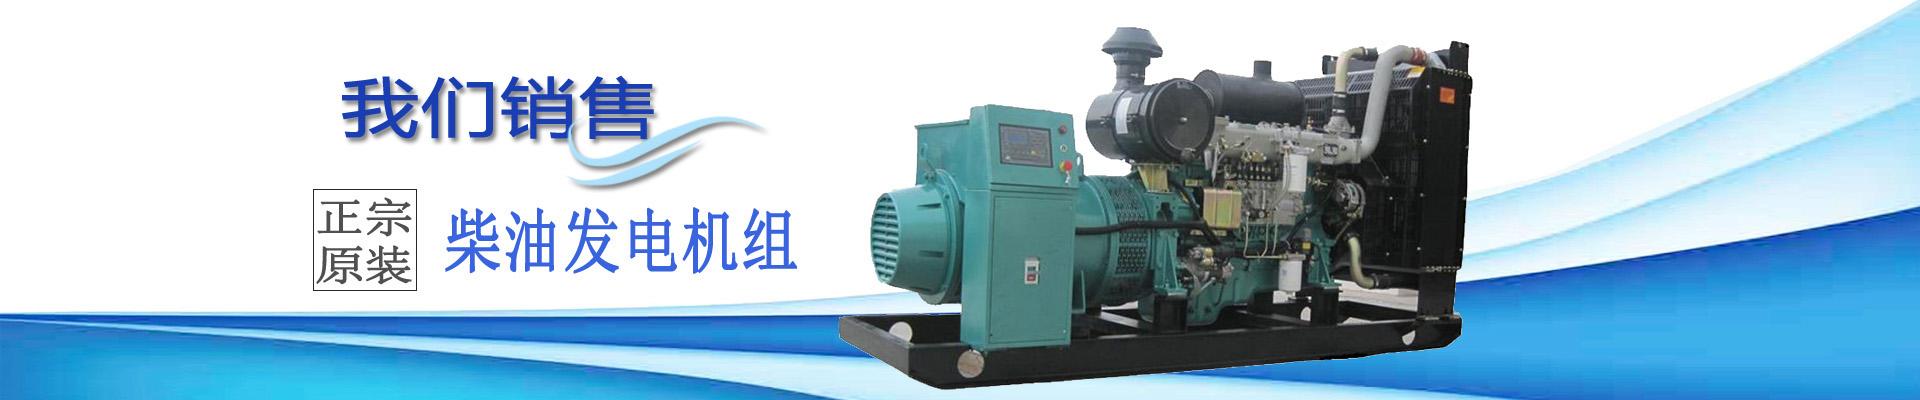 柴油发电机制造商